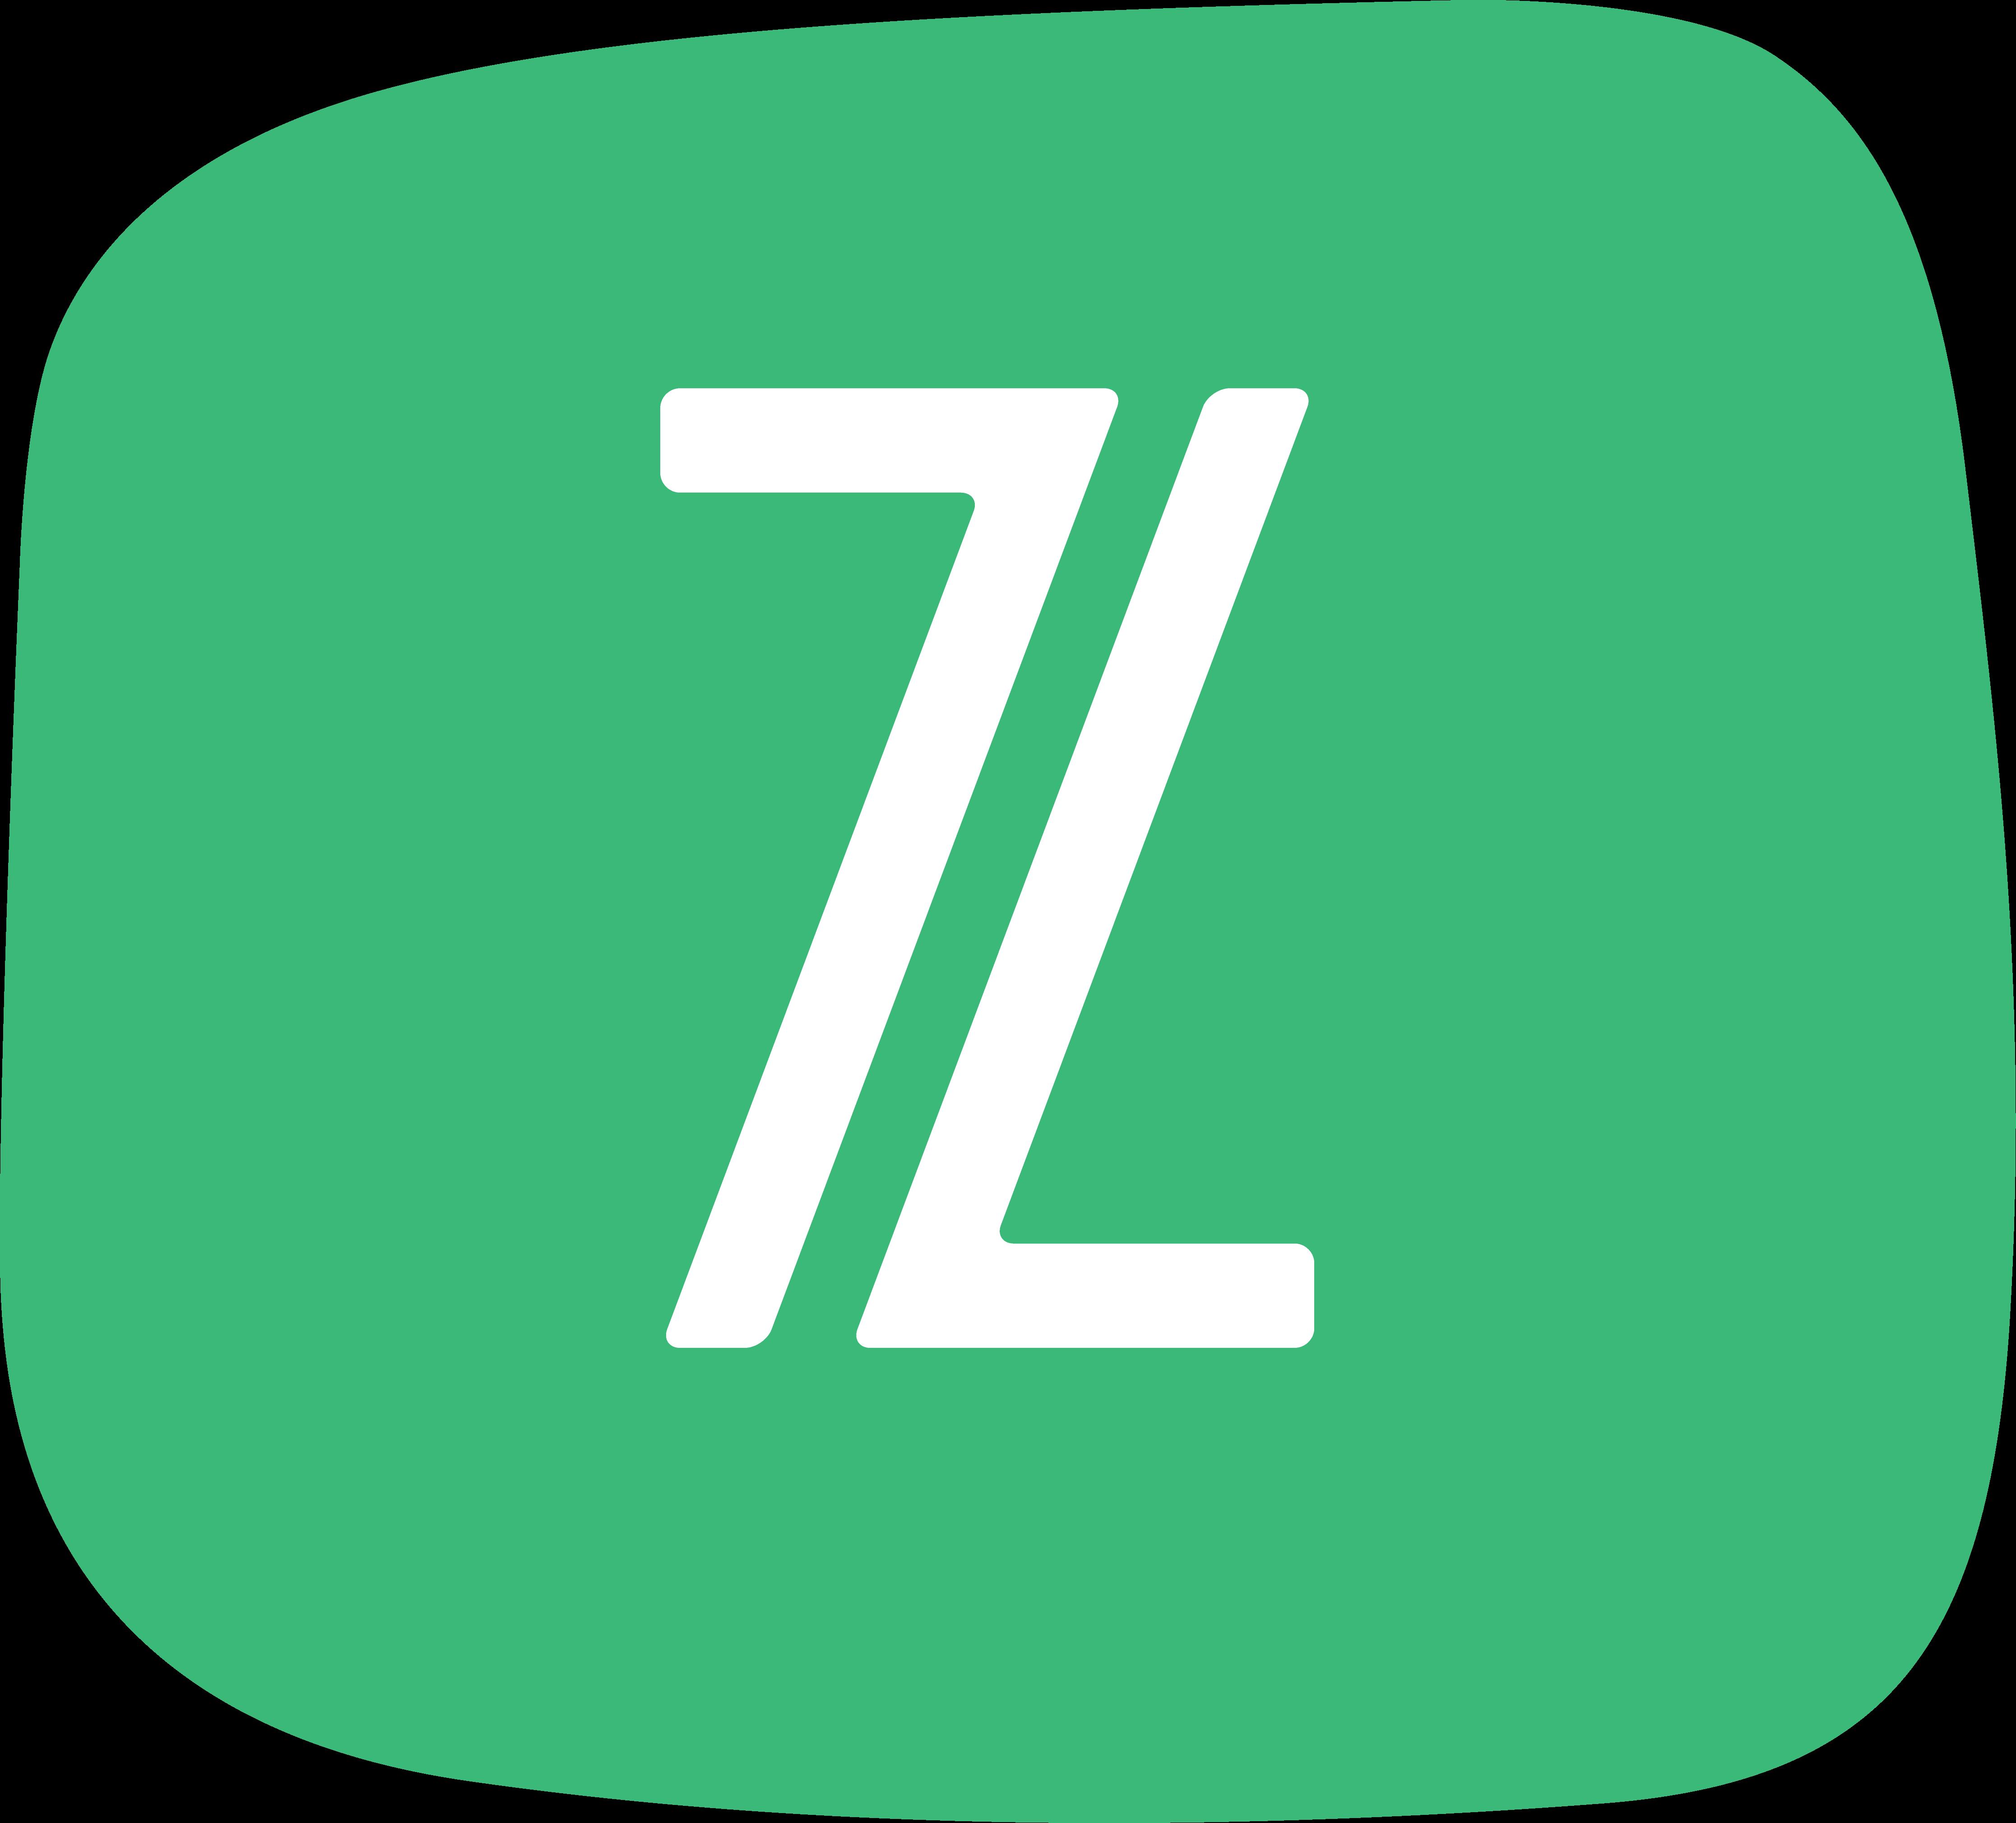 logo zuzu